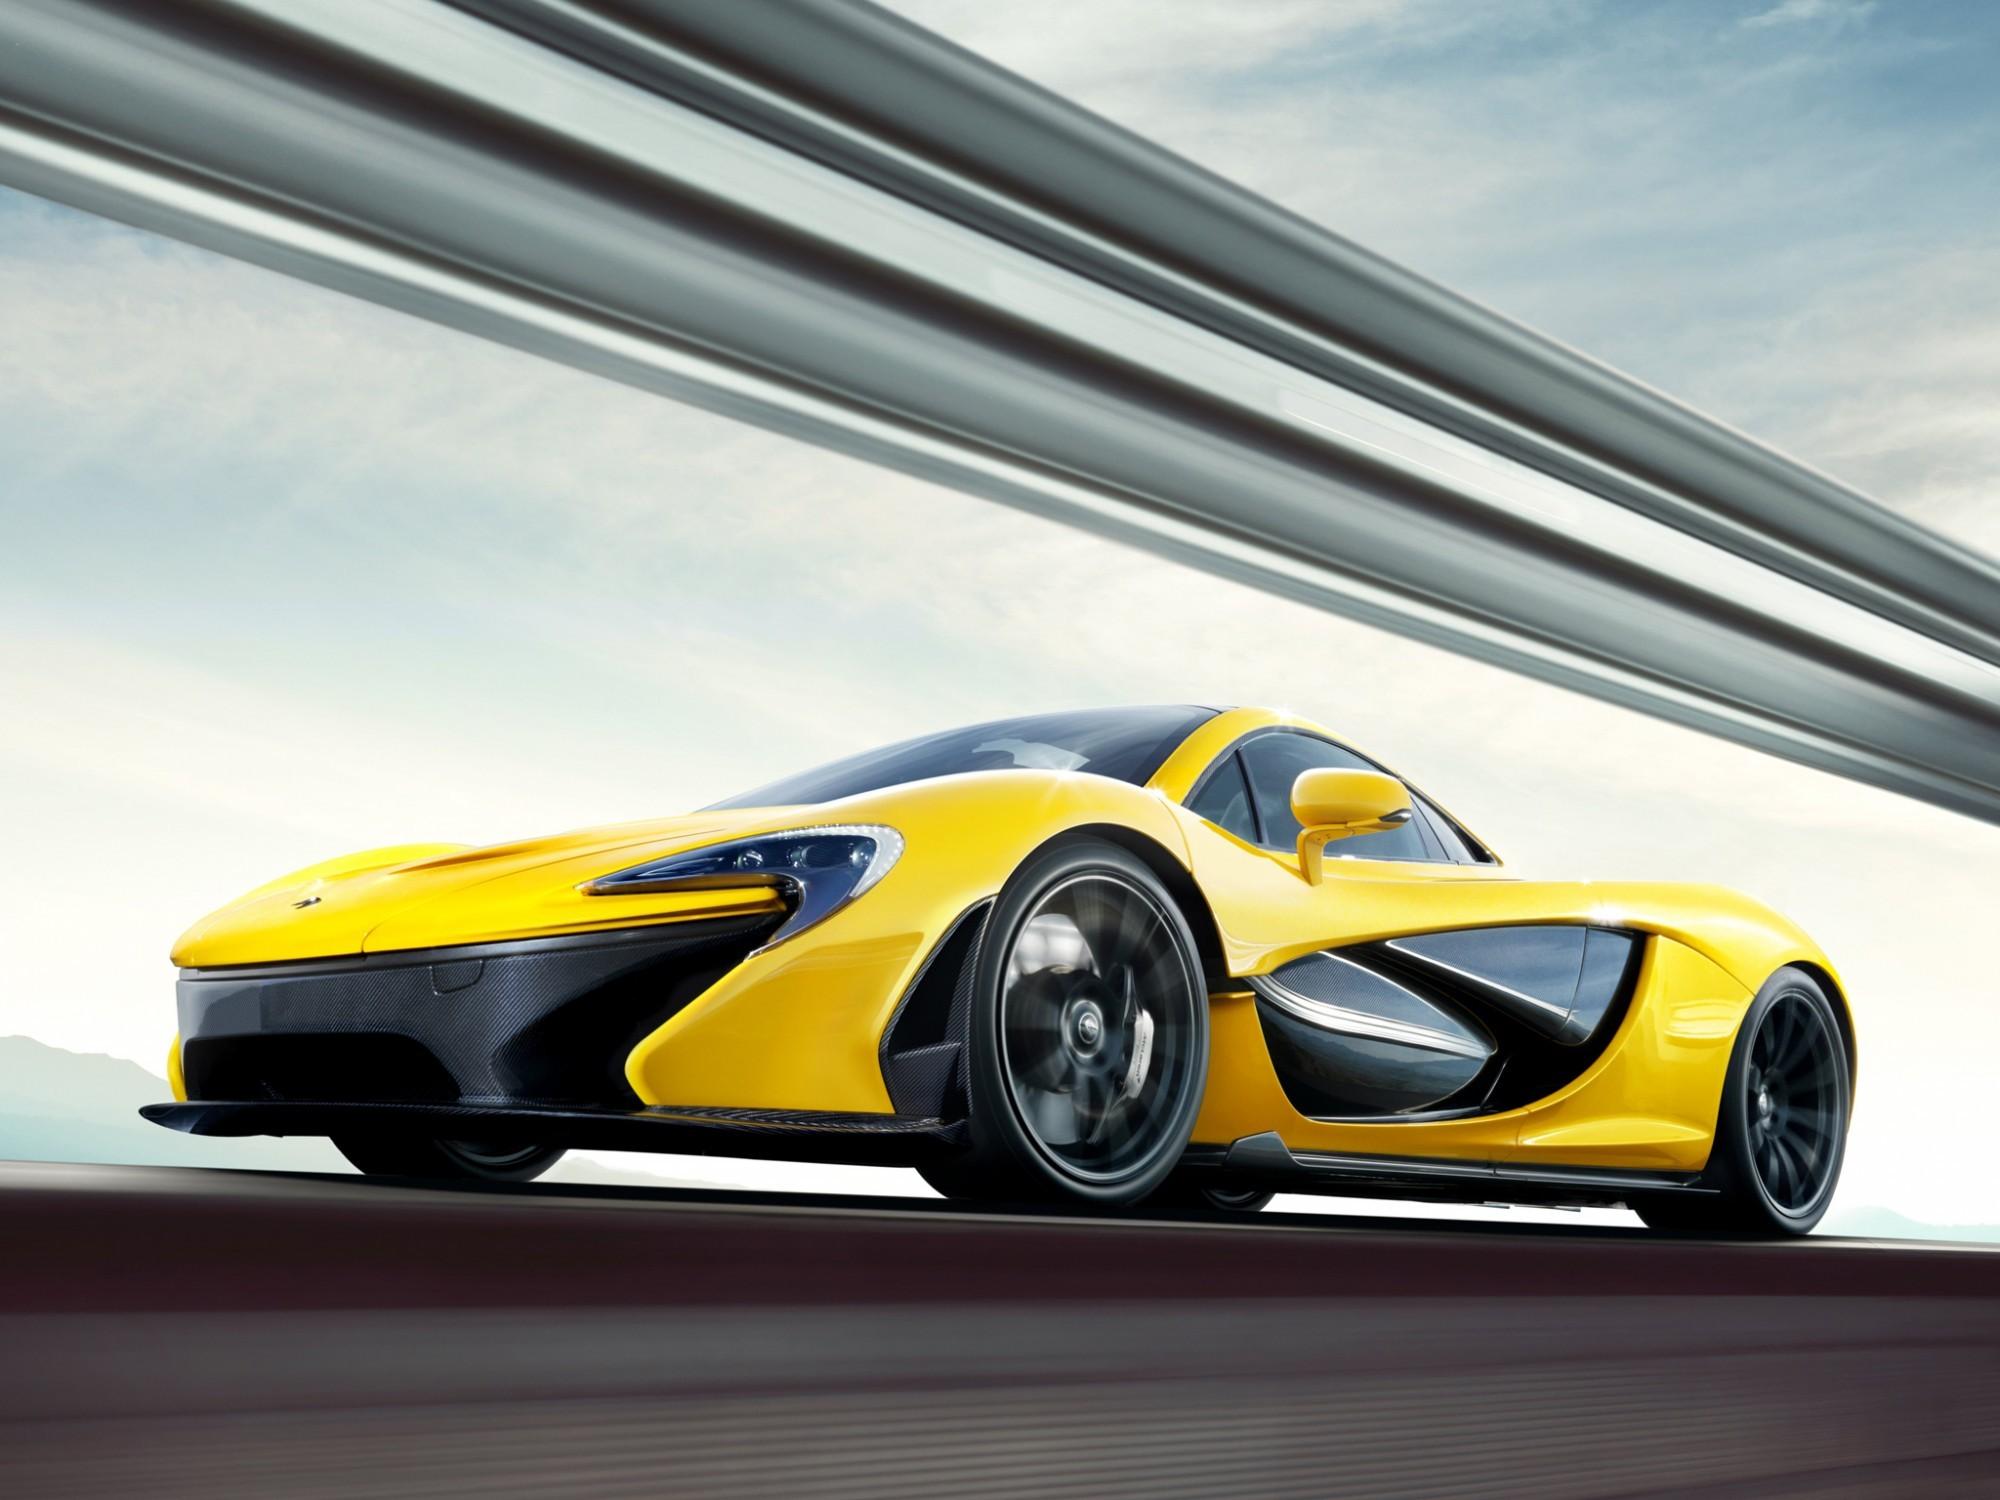 В сети появились официальные фотографии серийного McLaren P1. Он